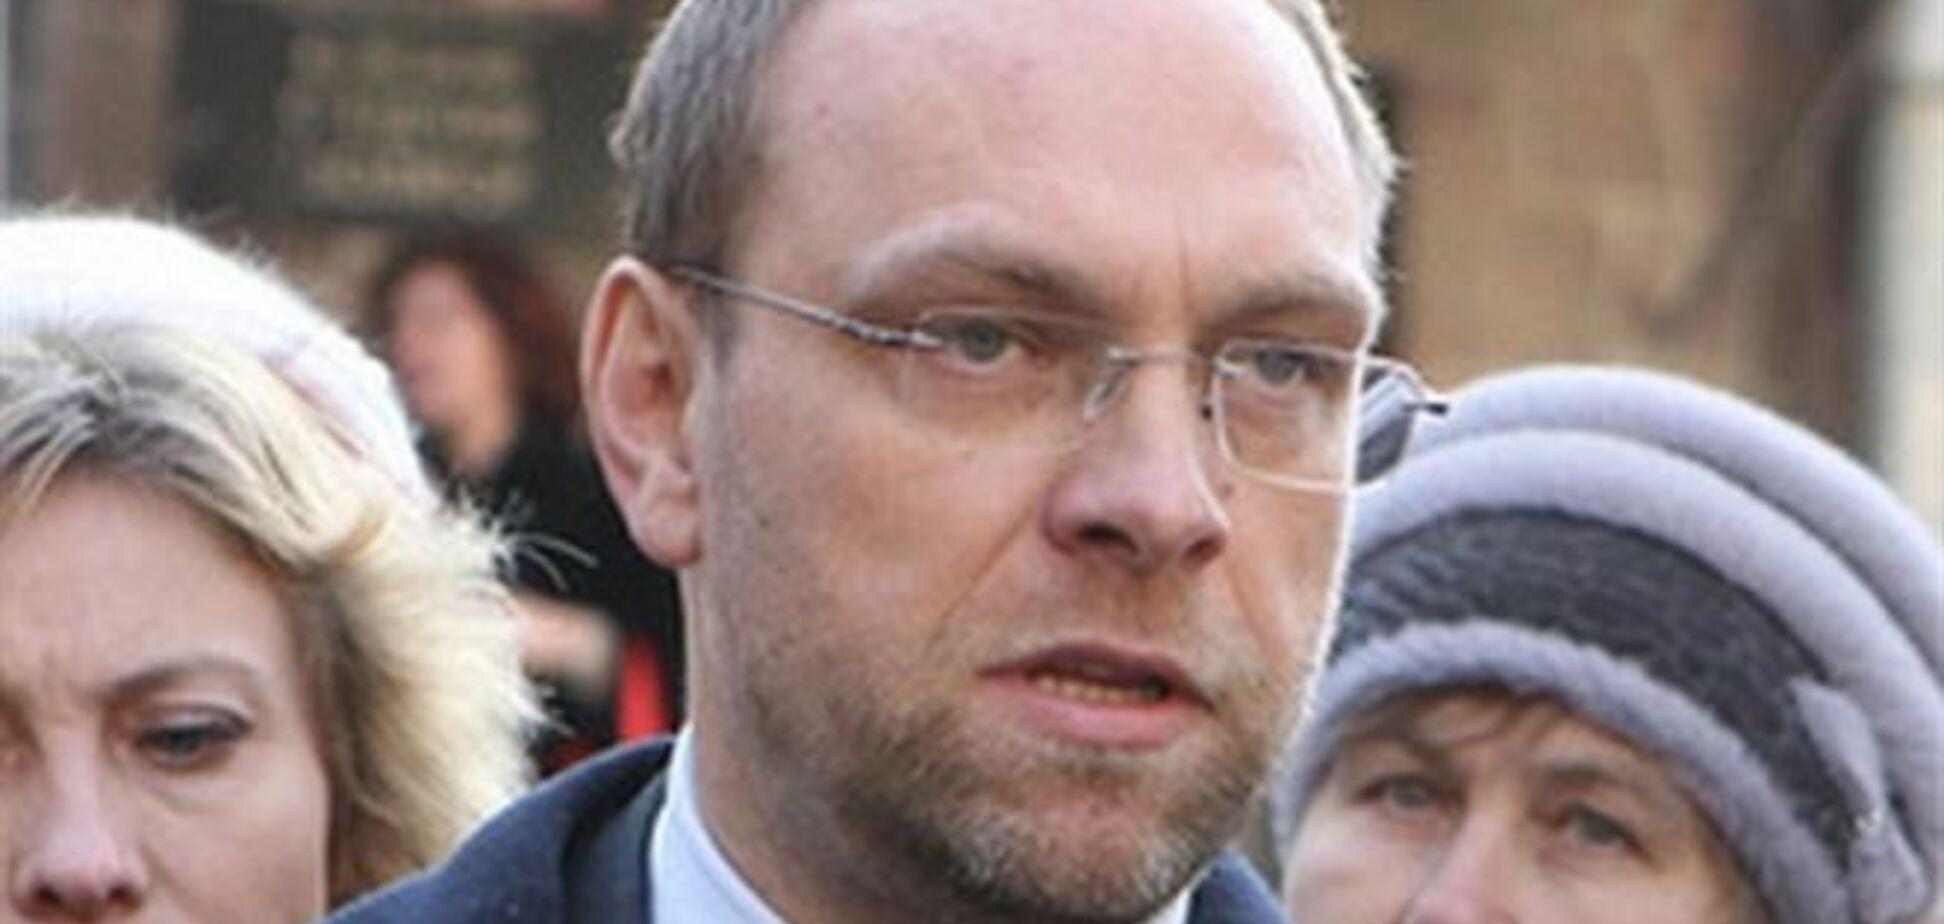 Власенко: власть распространяет от моего имени абсурдные комментарии о секс-меньшинствах